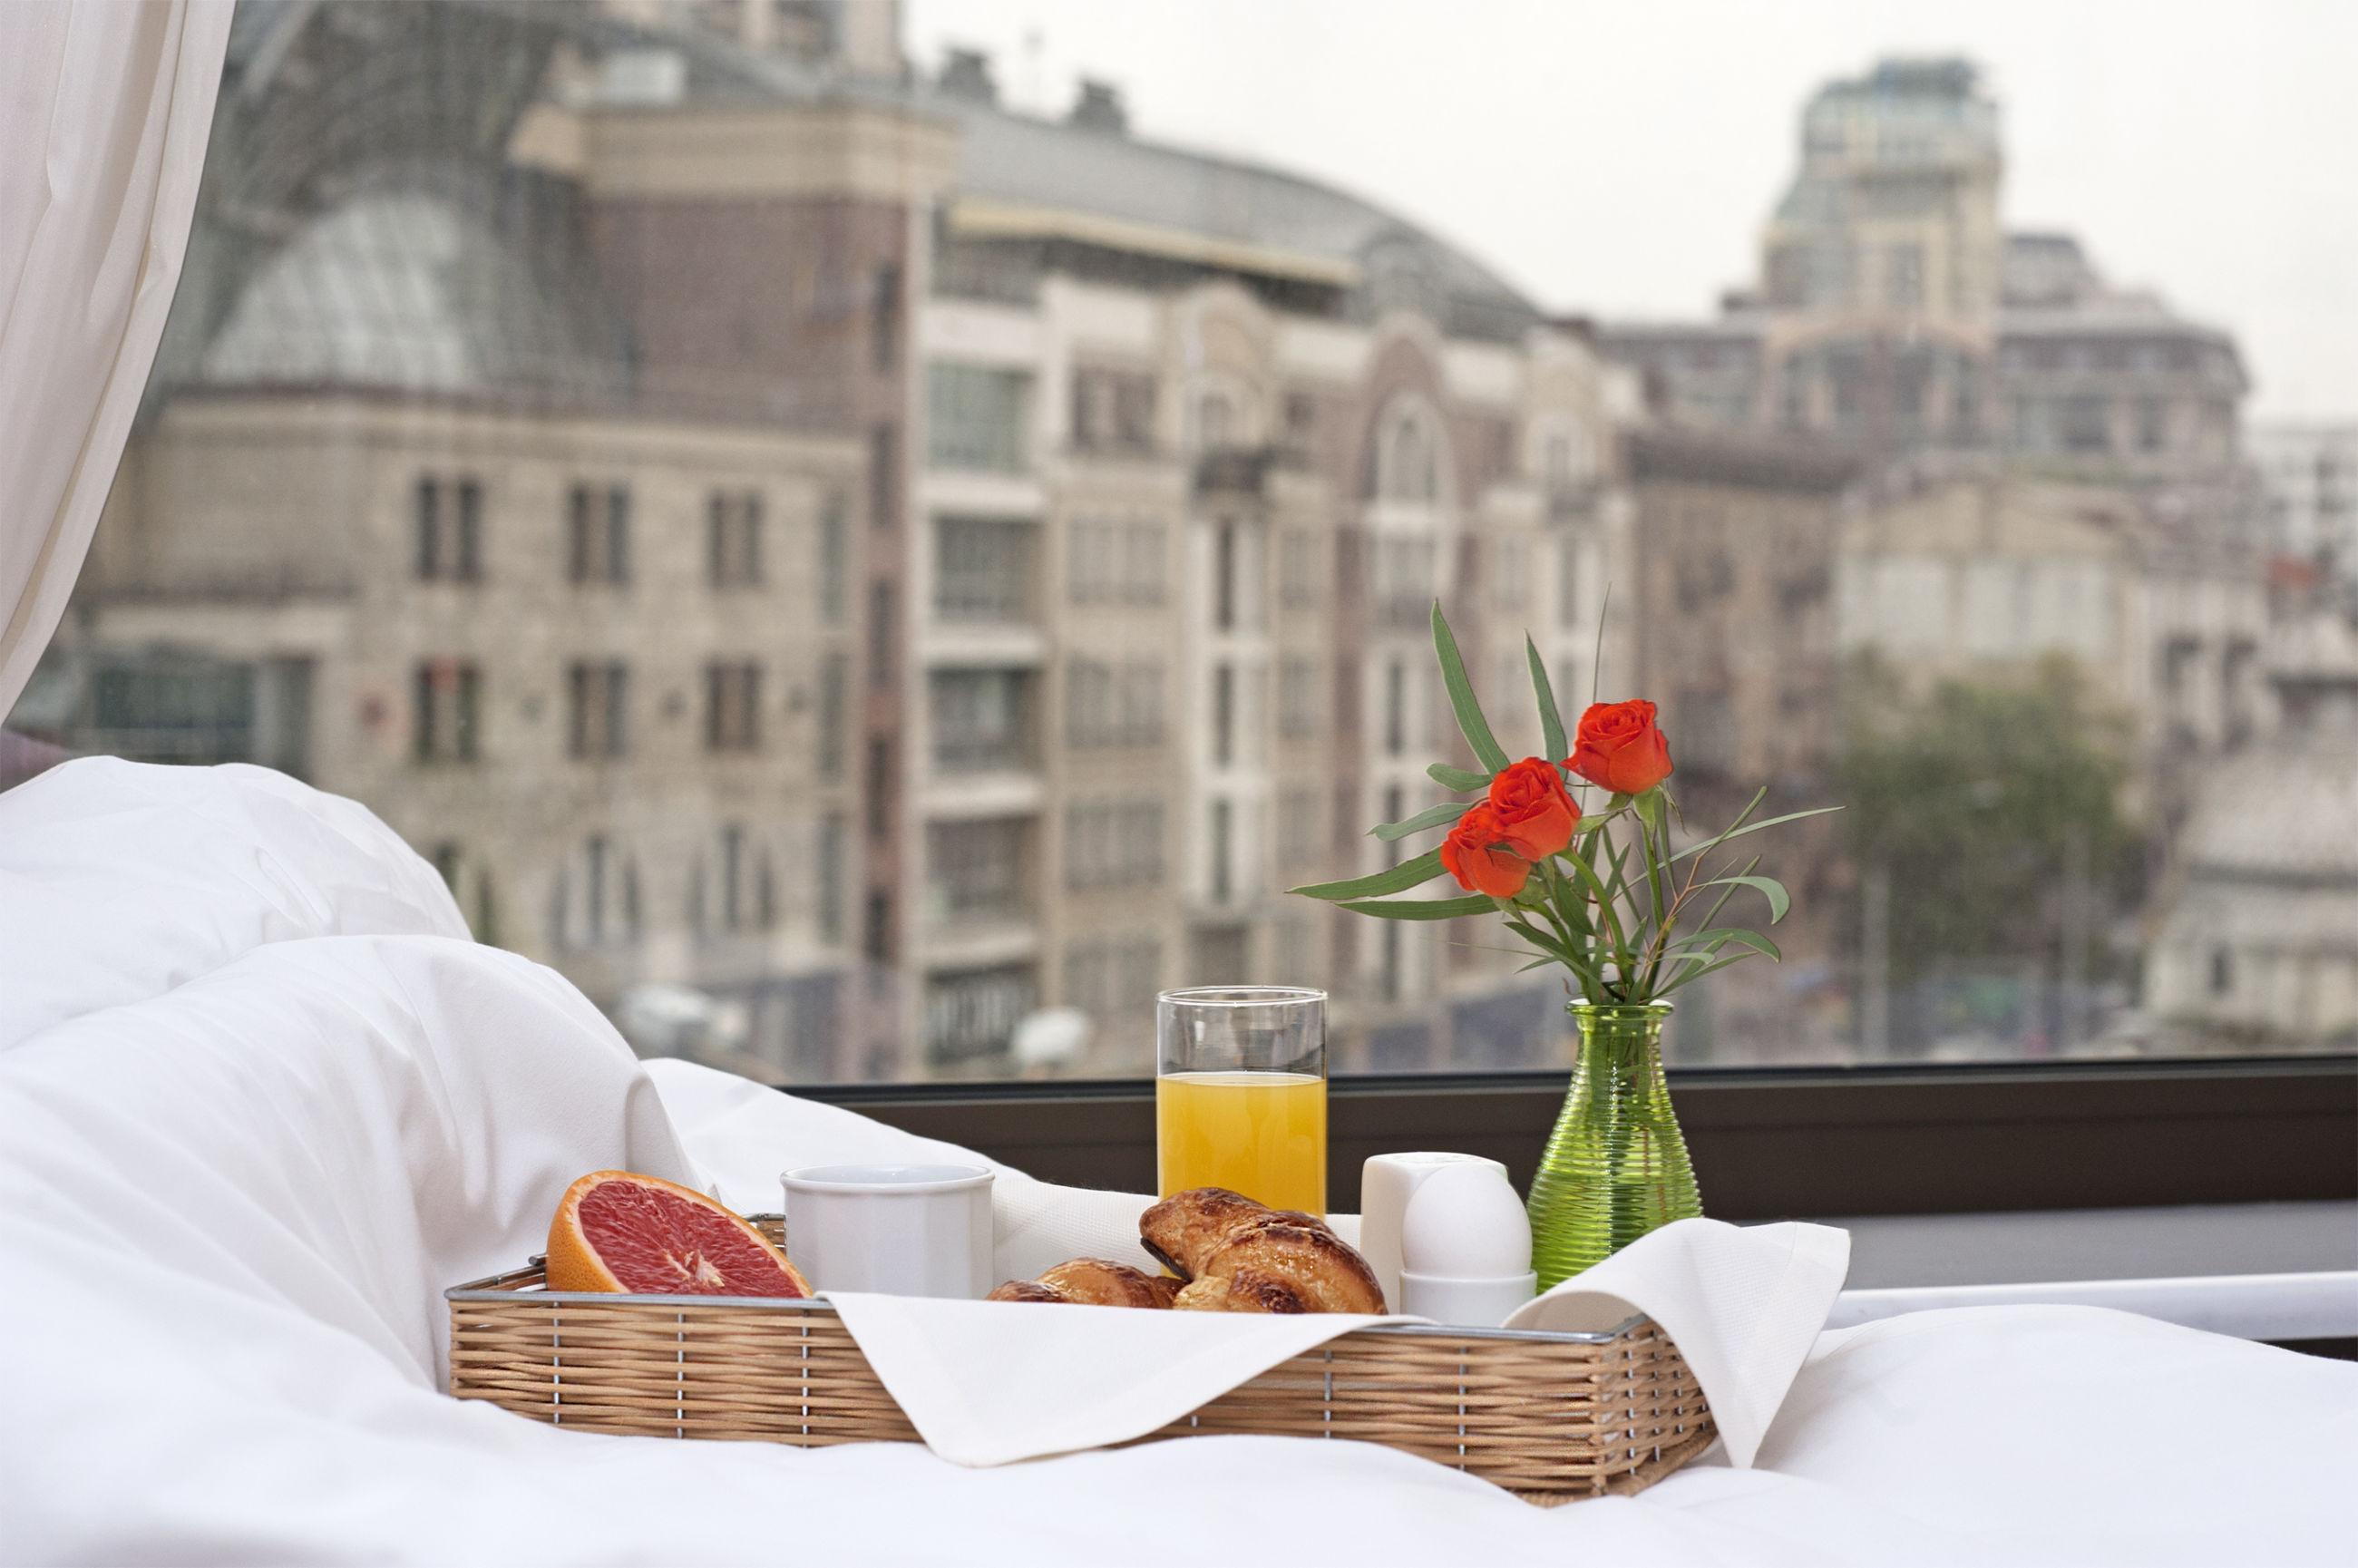 premier hotel lybid breakfast